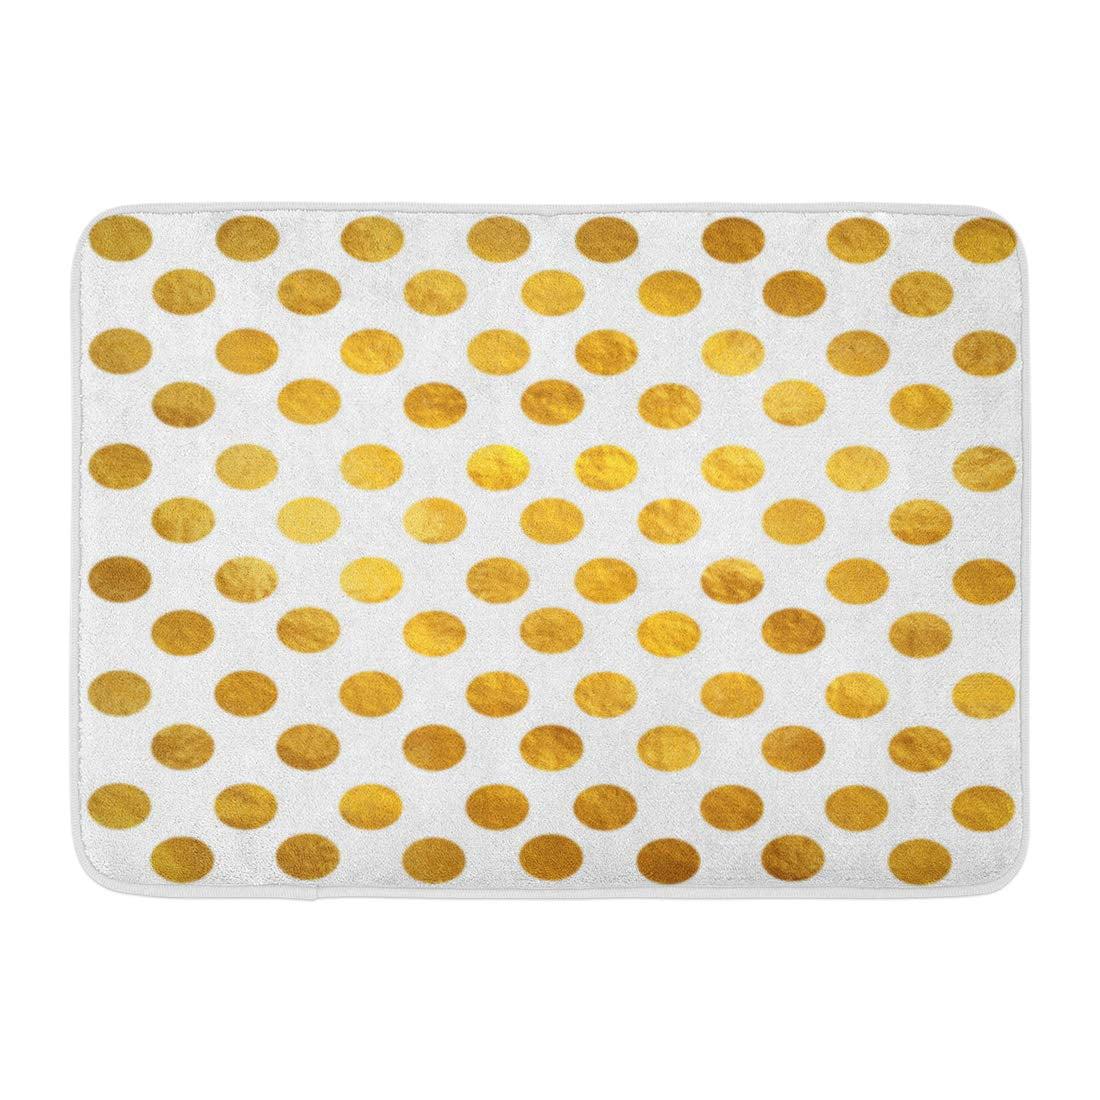 Gold White Polka Dot Pattern